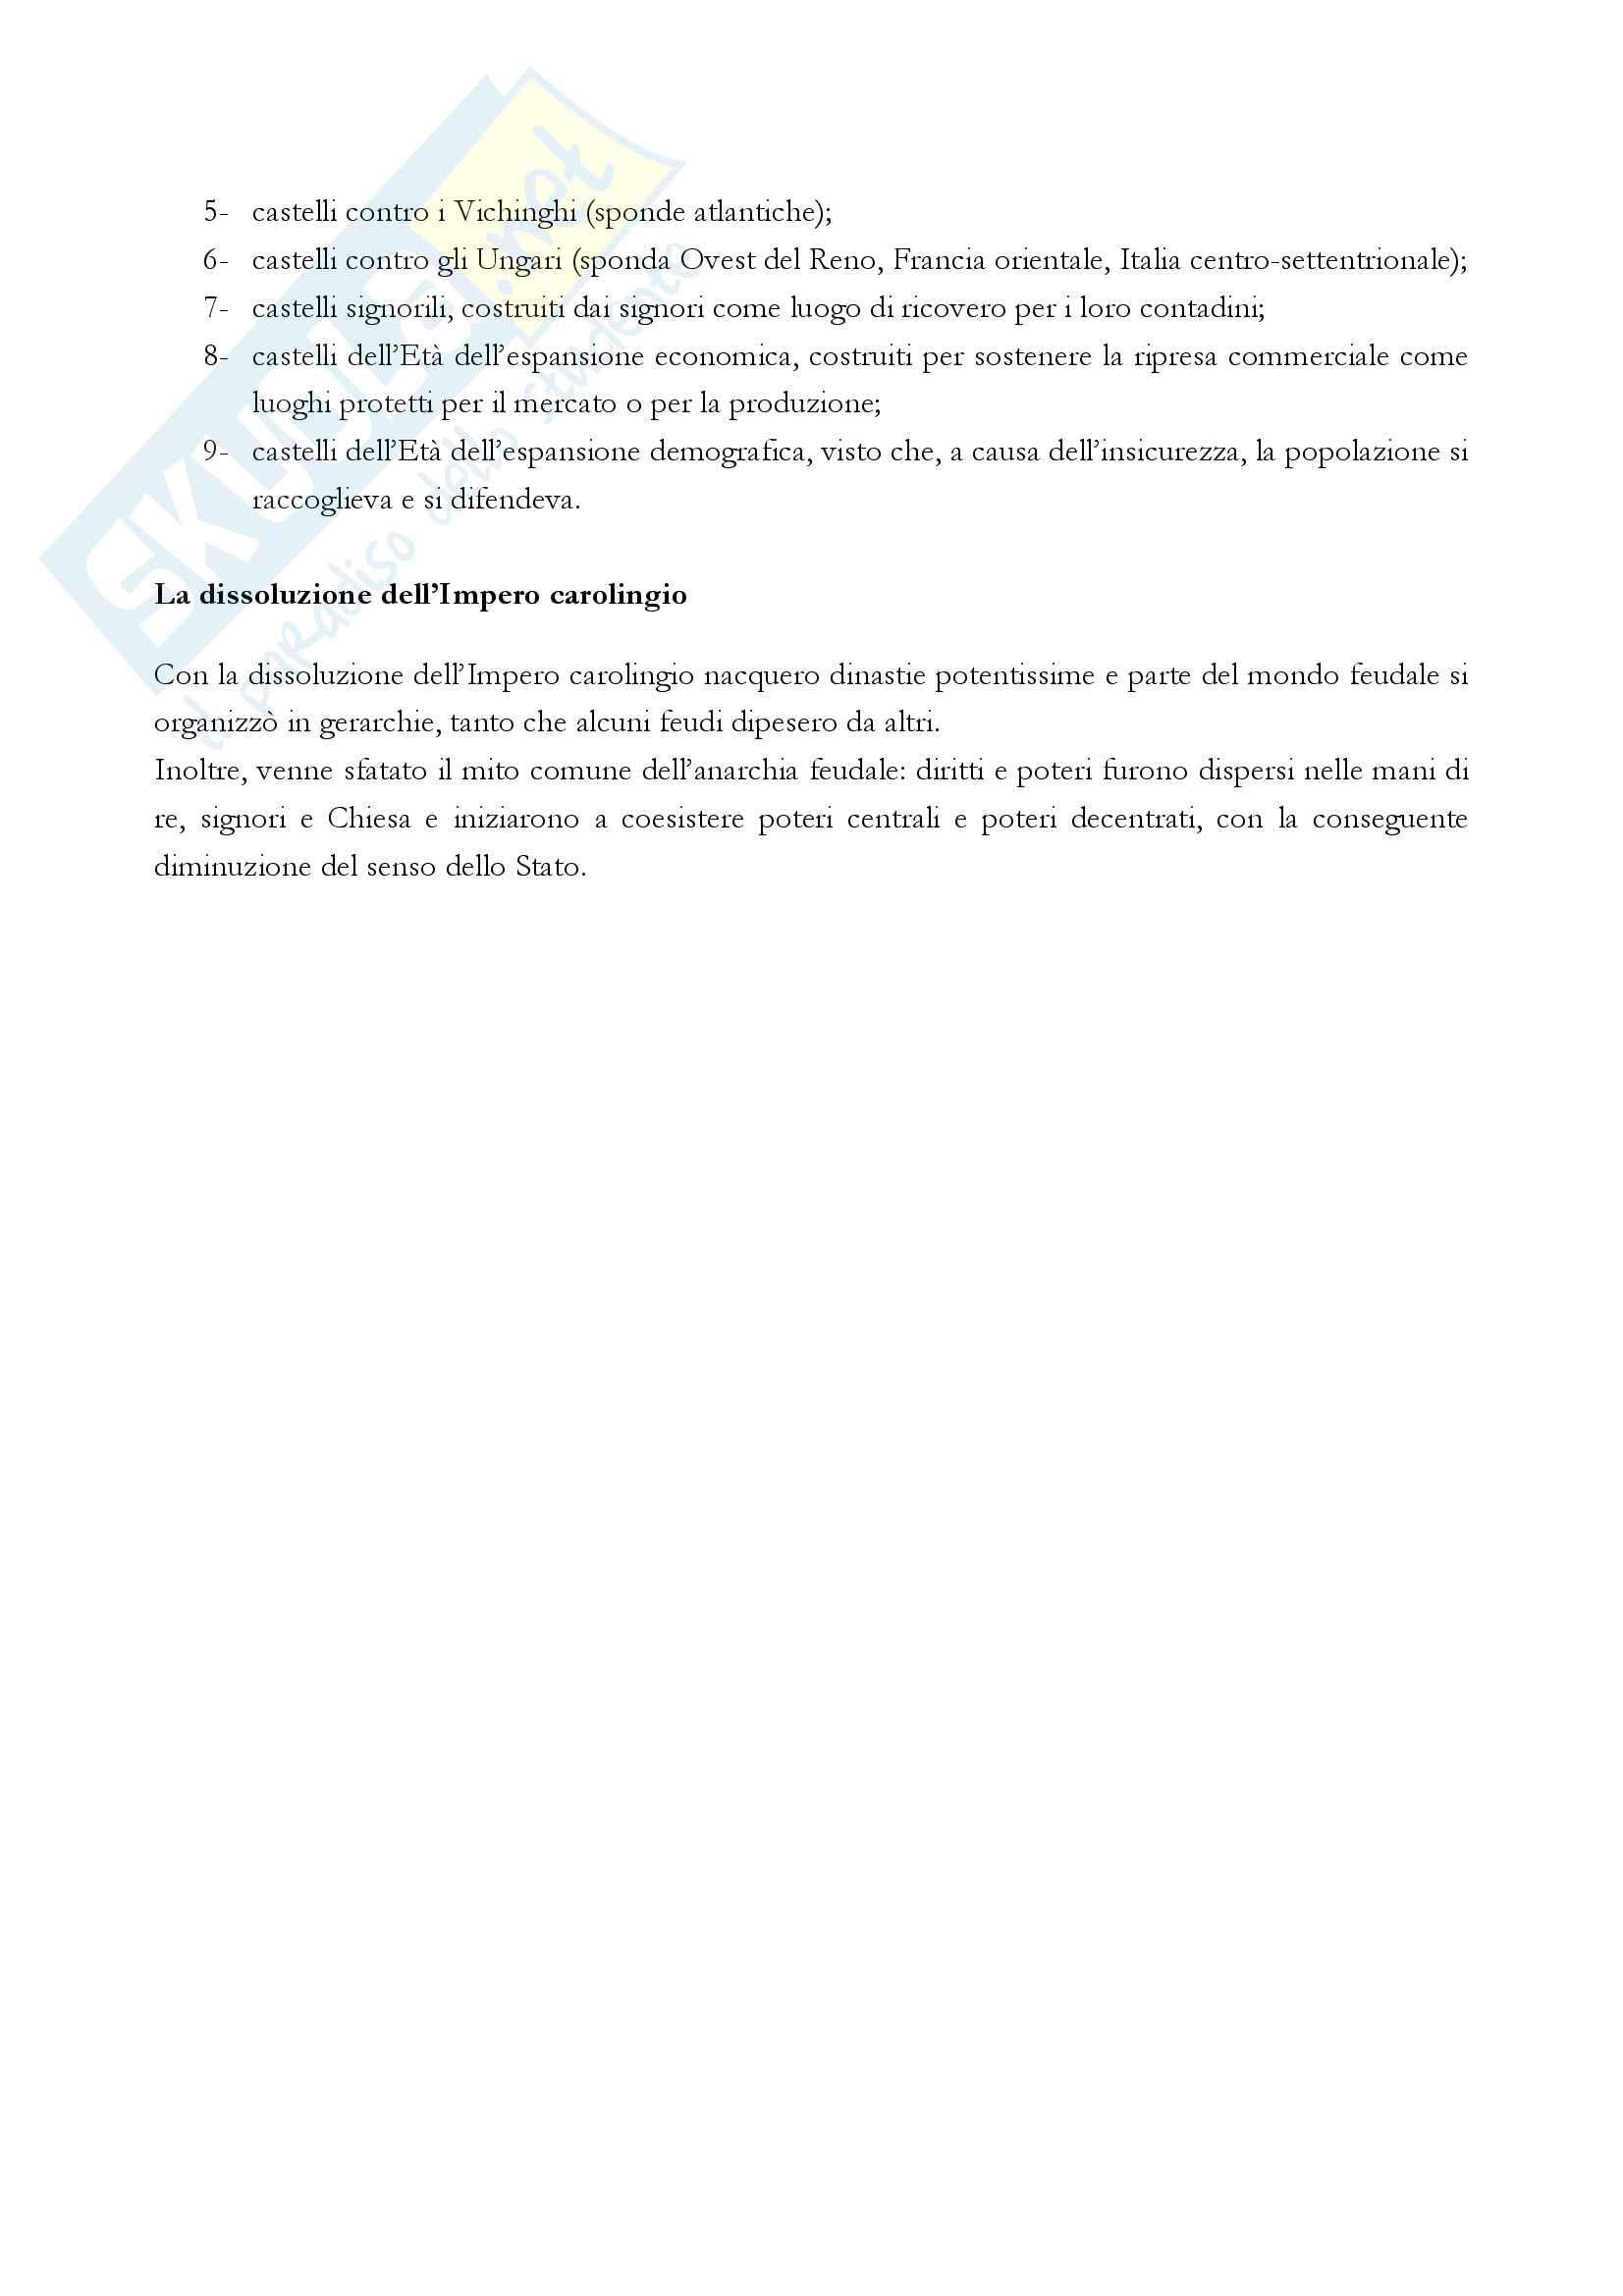 """Riassunto esame storia medievale, Prof. Varanini, libro consigliato """"I mille anni del Medioevo"""" (G. Piccinni) (prima parte) Pag. 21"""